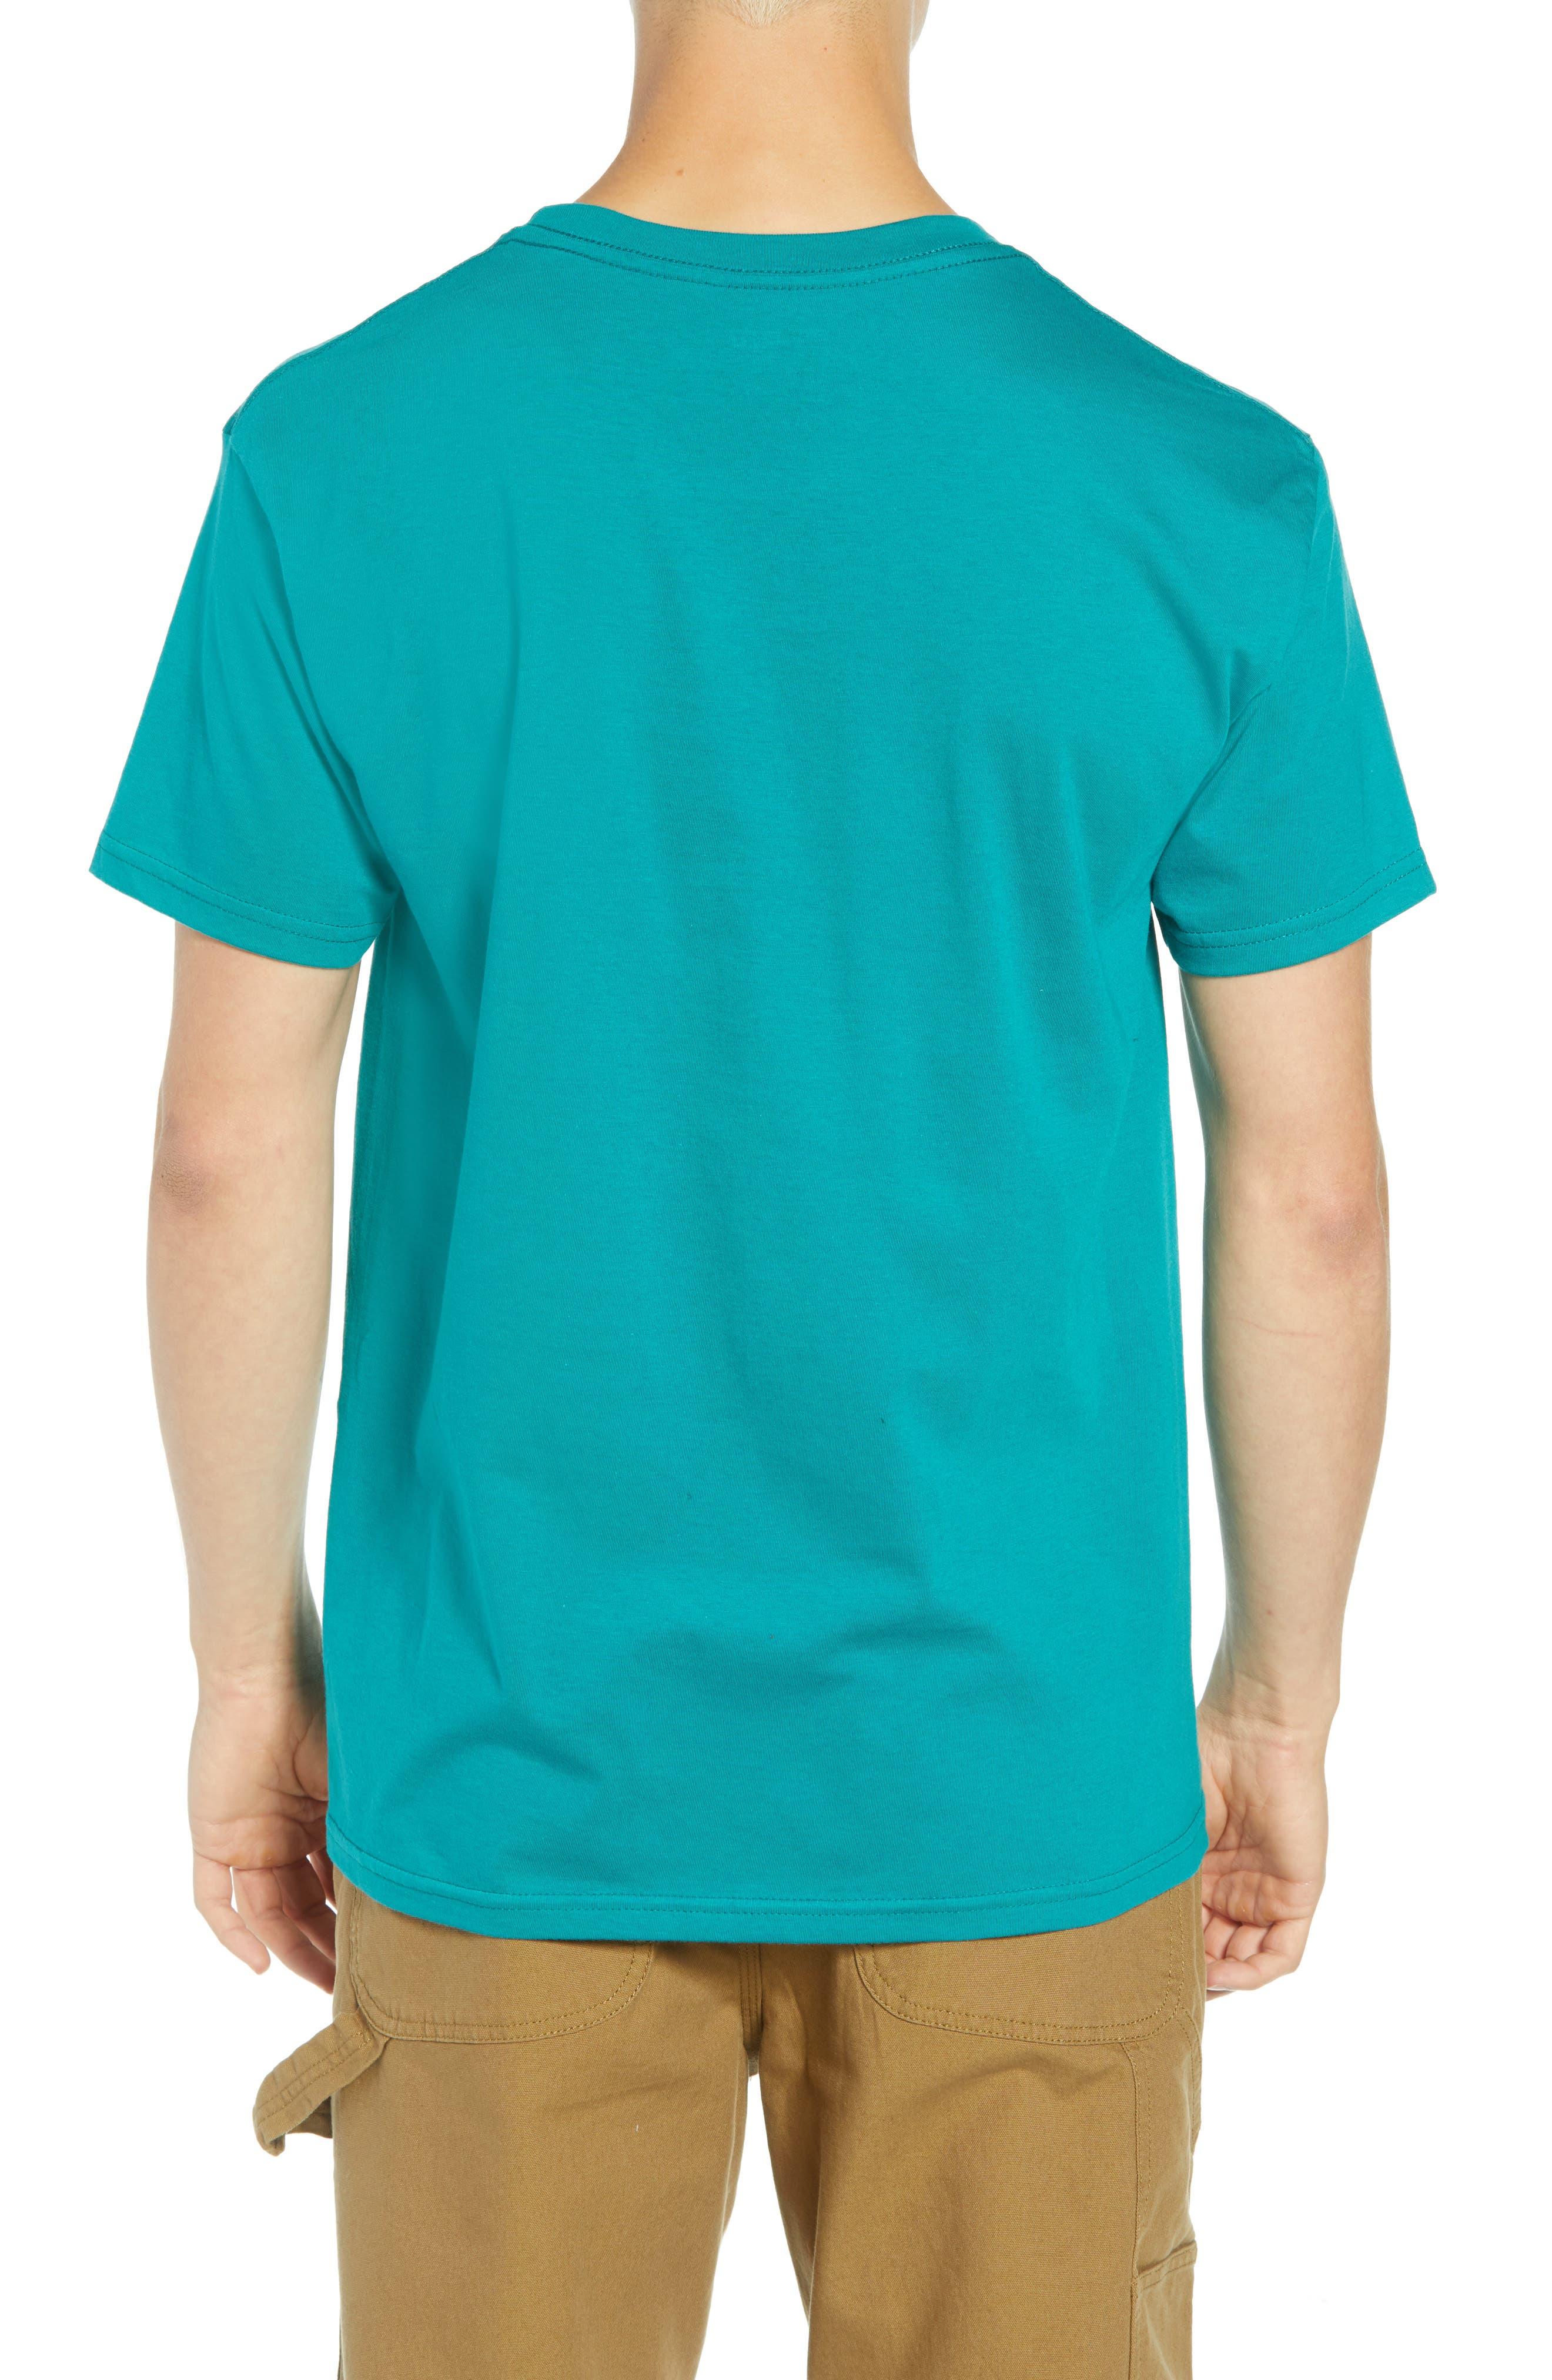 Metamorphosis Premium T-Shirt,                             Alternate thumbnail 2, color,                             TEAL